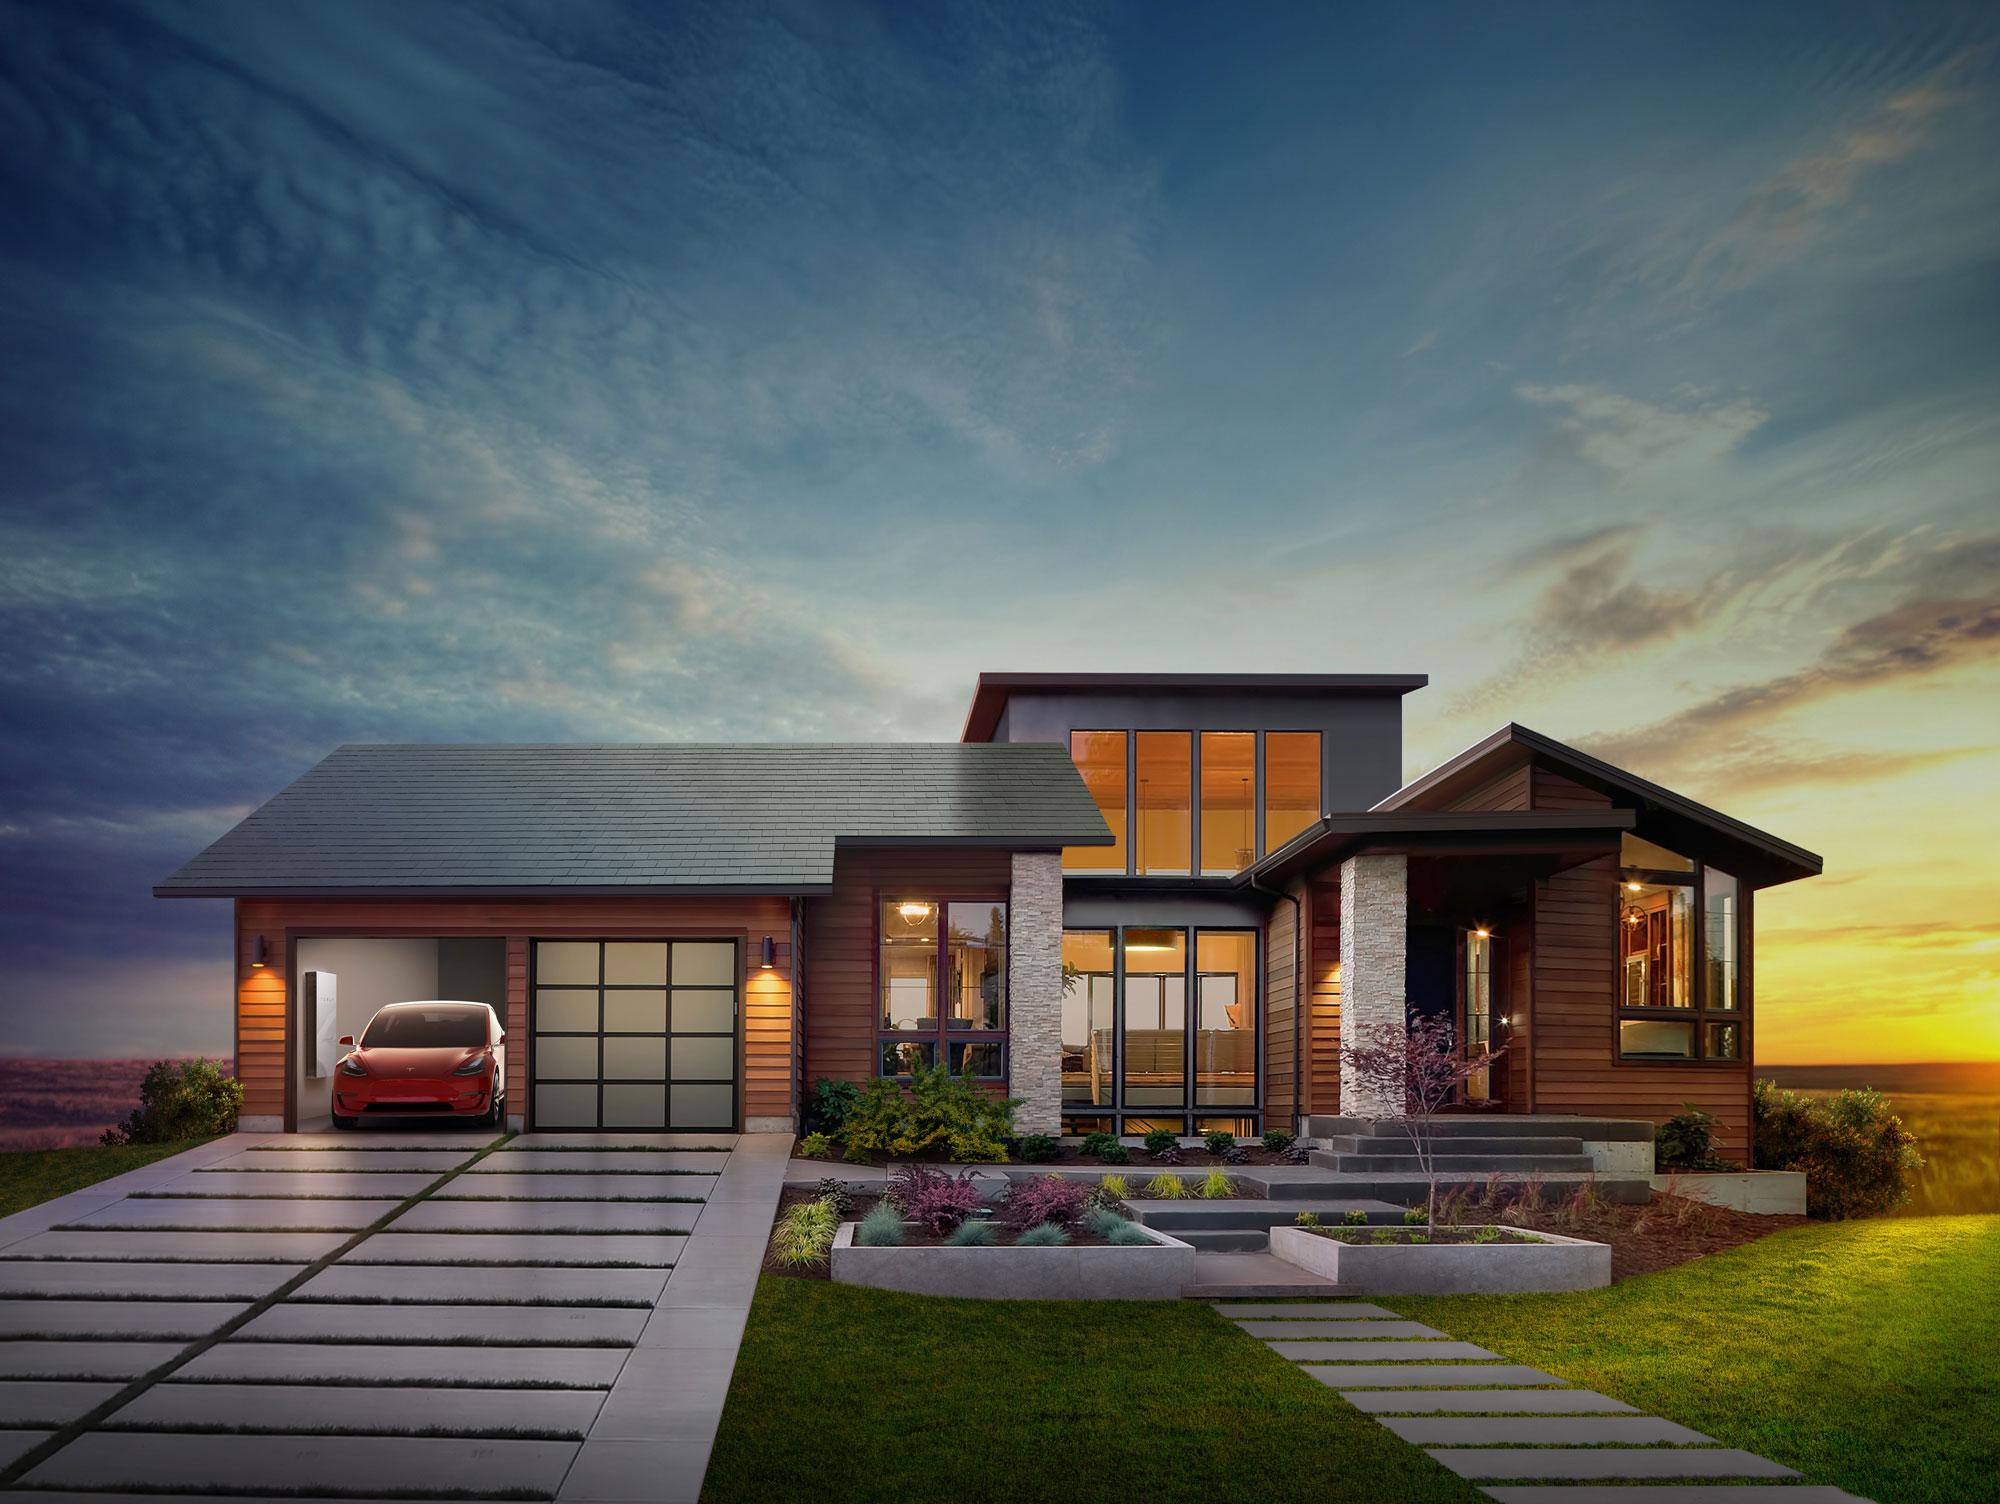 tesla et solarcity r inventent le toit solaire ere num rique. Black Bedroom Furniture Sets. Home Design Ideas